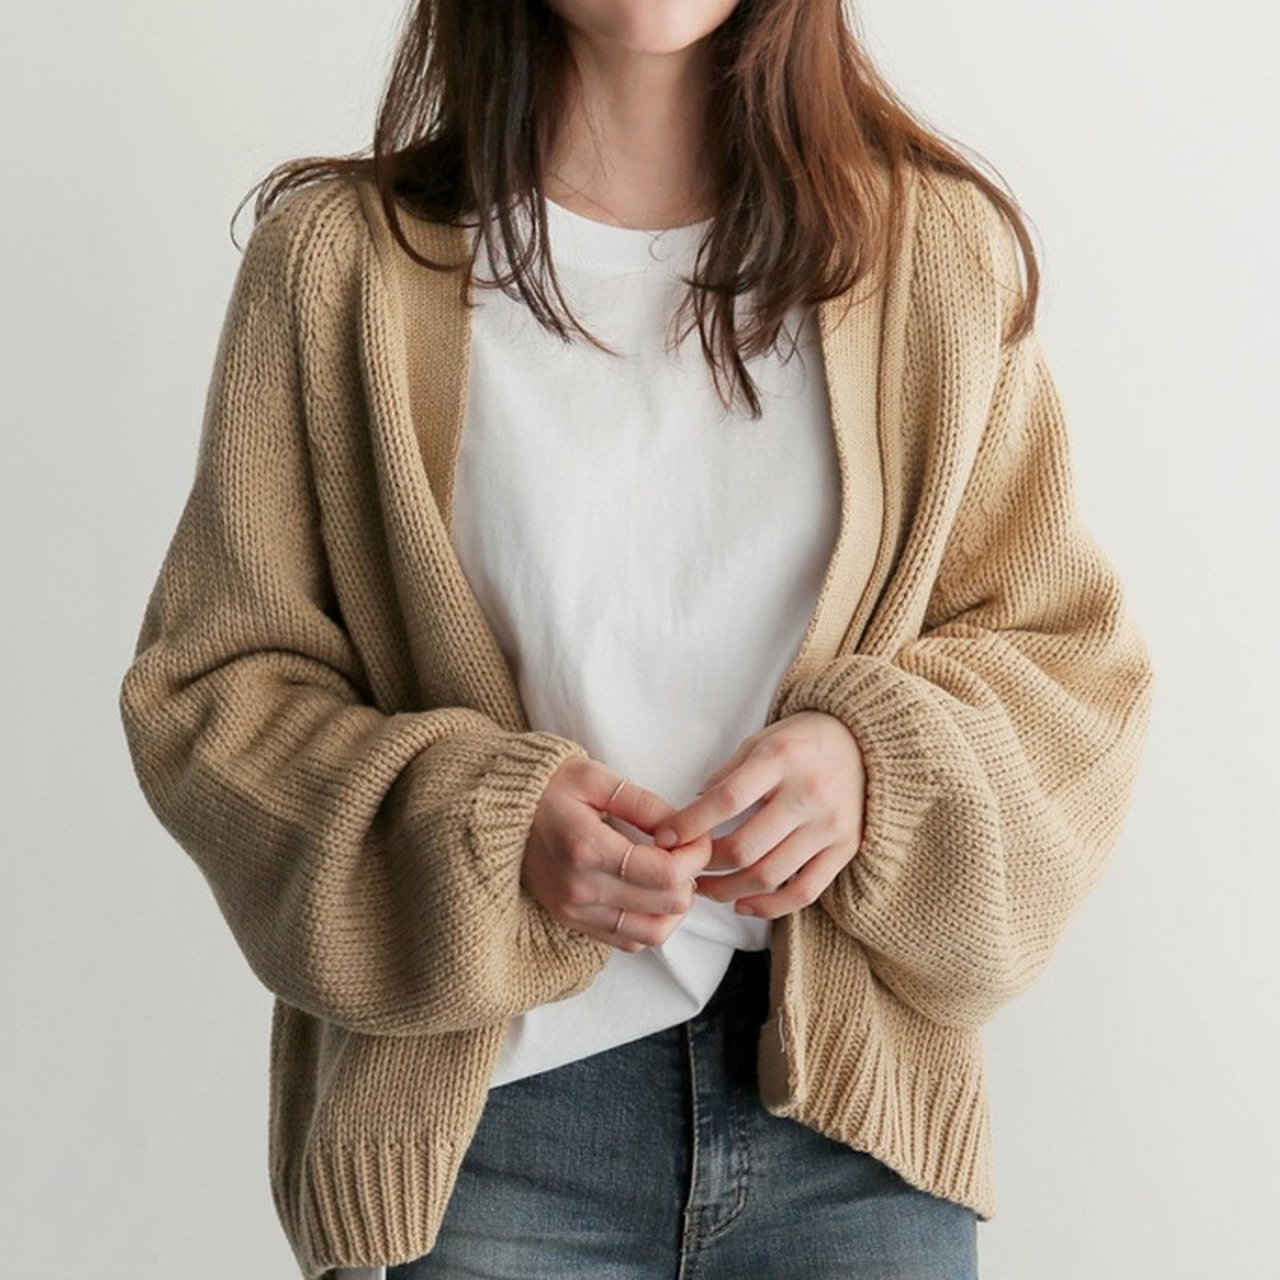 Chỉ là 2 dáng áo len cơ bản nhưng lại có sức mạnh cải thiện style ghê gớm, có đủ thì bạn khỏi lo mỗi sáng mặc gì - Ảnh 12.